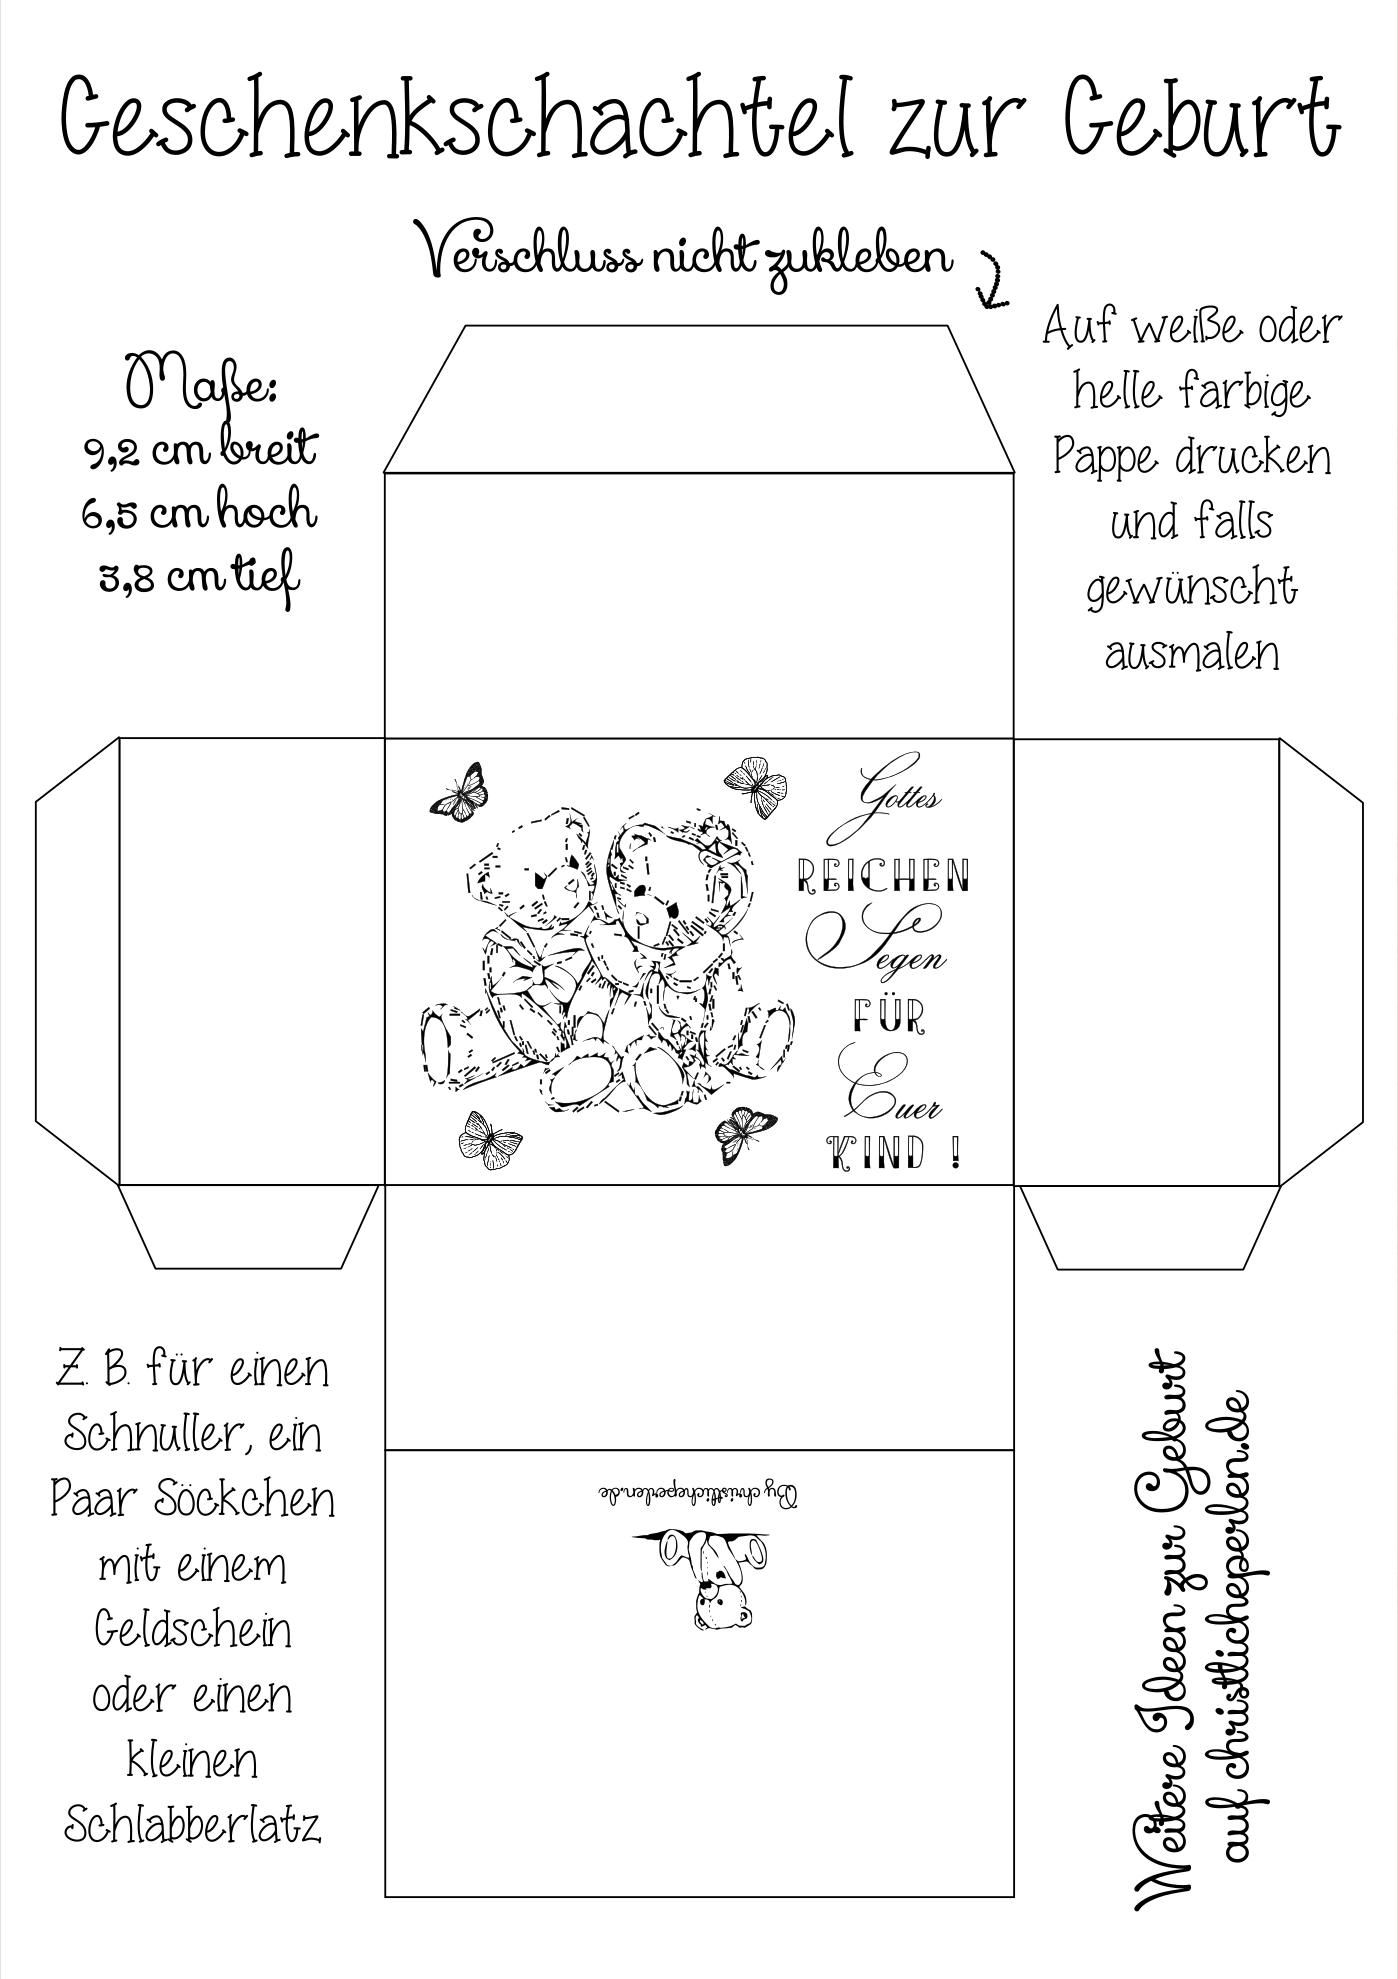 Karte Zur Taufe Geburt Karten Basteln Geburt 6